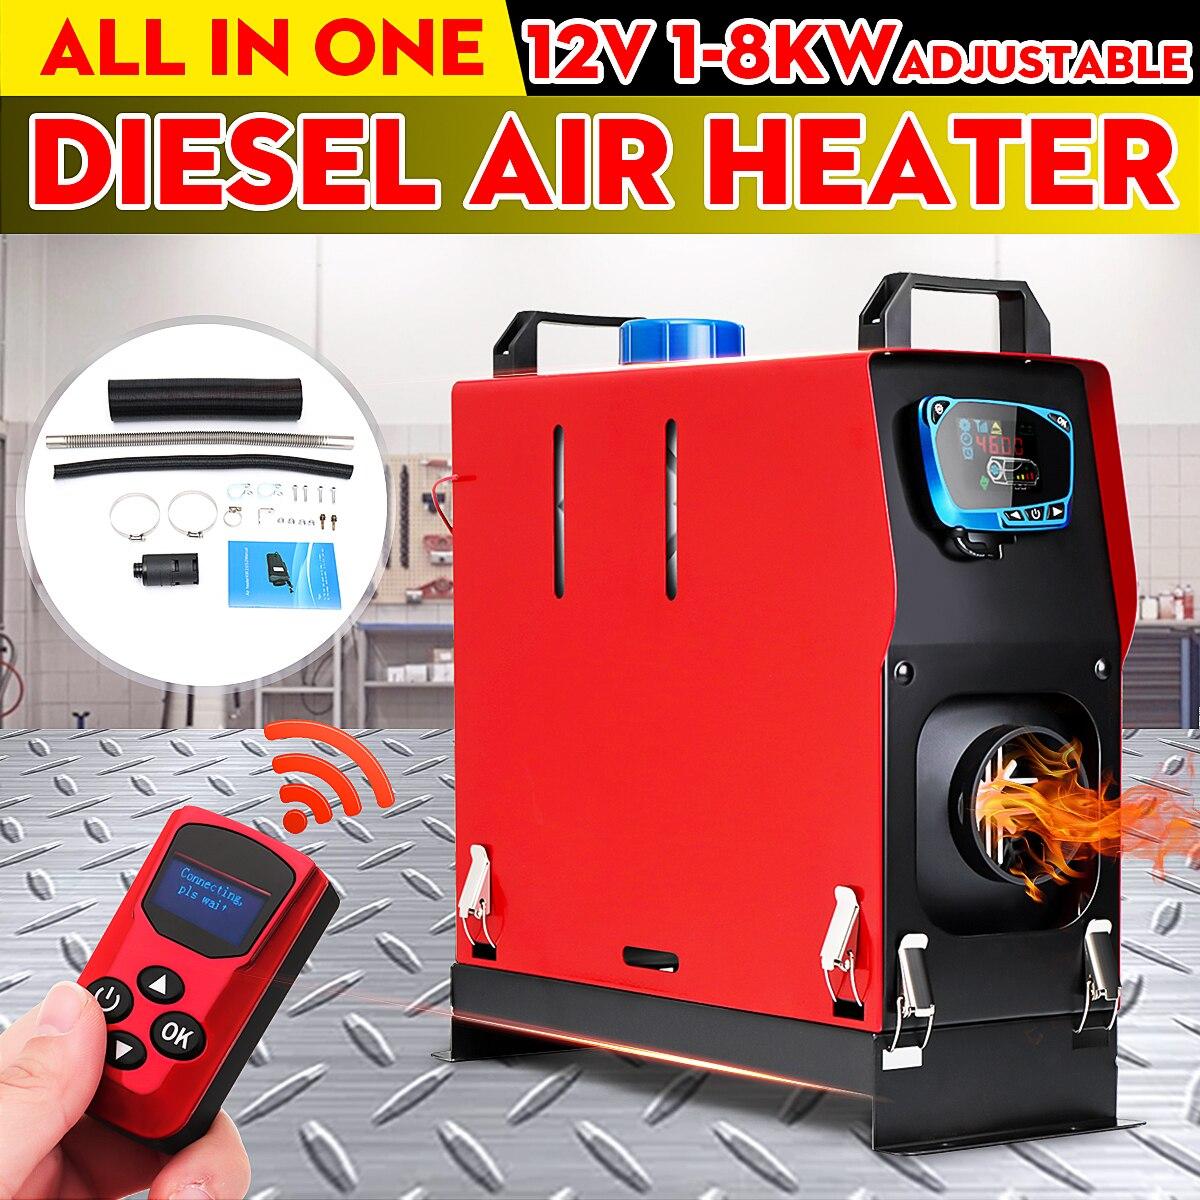 Tout en un 12V 1KW-8KW Air diesels chauffage un trou voiture chauffage pour camions camping-cars bateaux Bus + LCD interrupteur à clé + anglais à distance